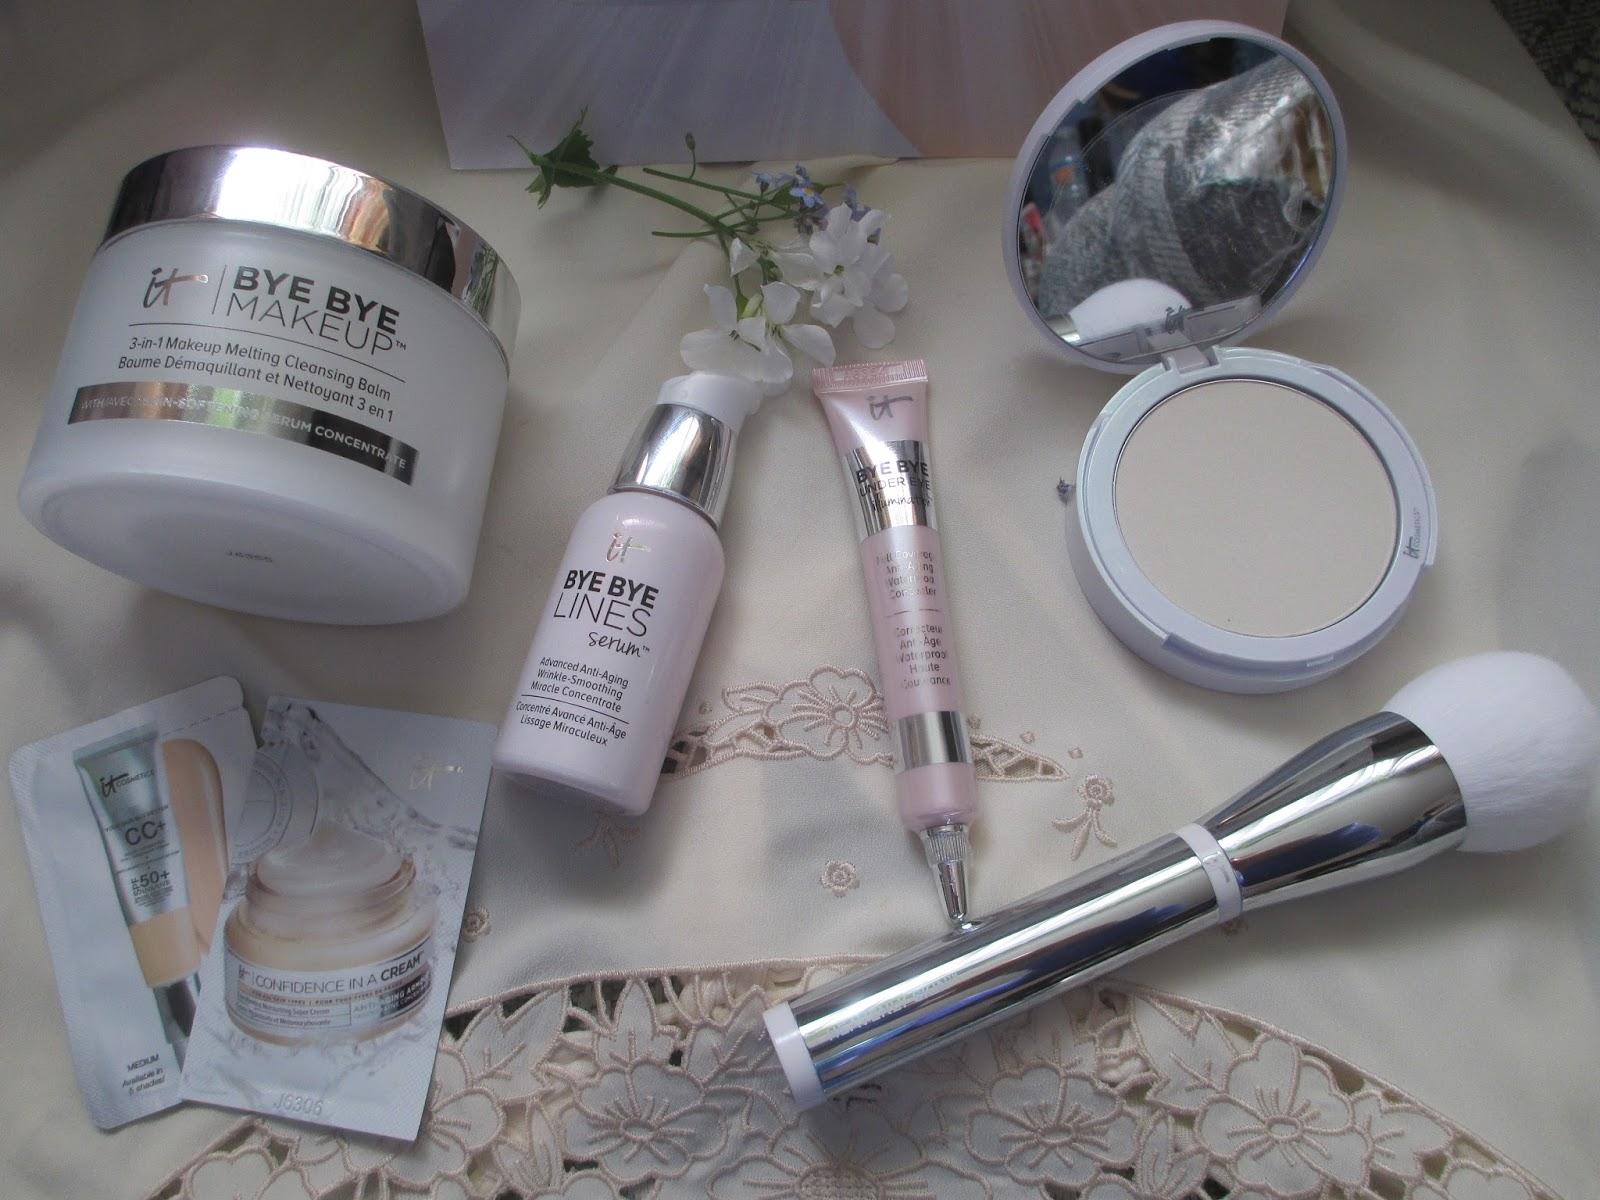 Whats Inside Your Beauty Bag?: It Cosmetics Bye Bye Breakthroughs 5